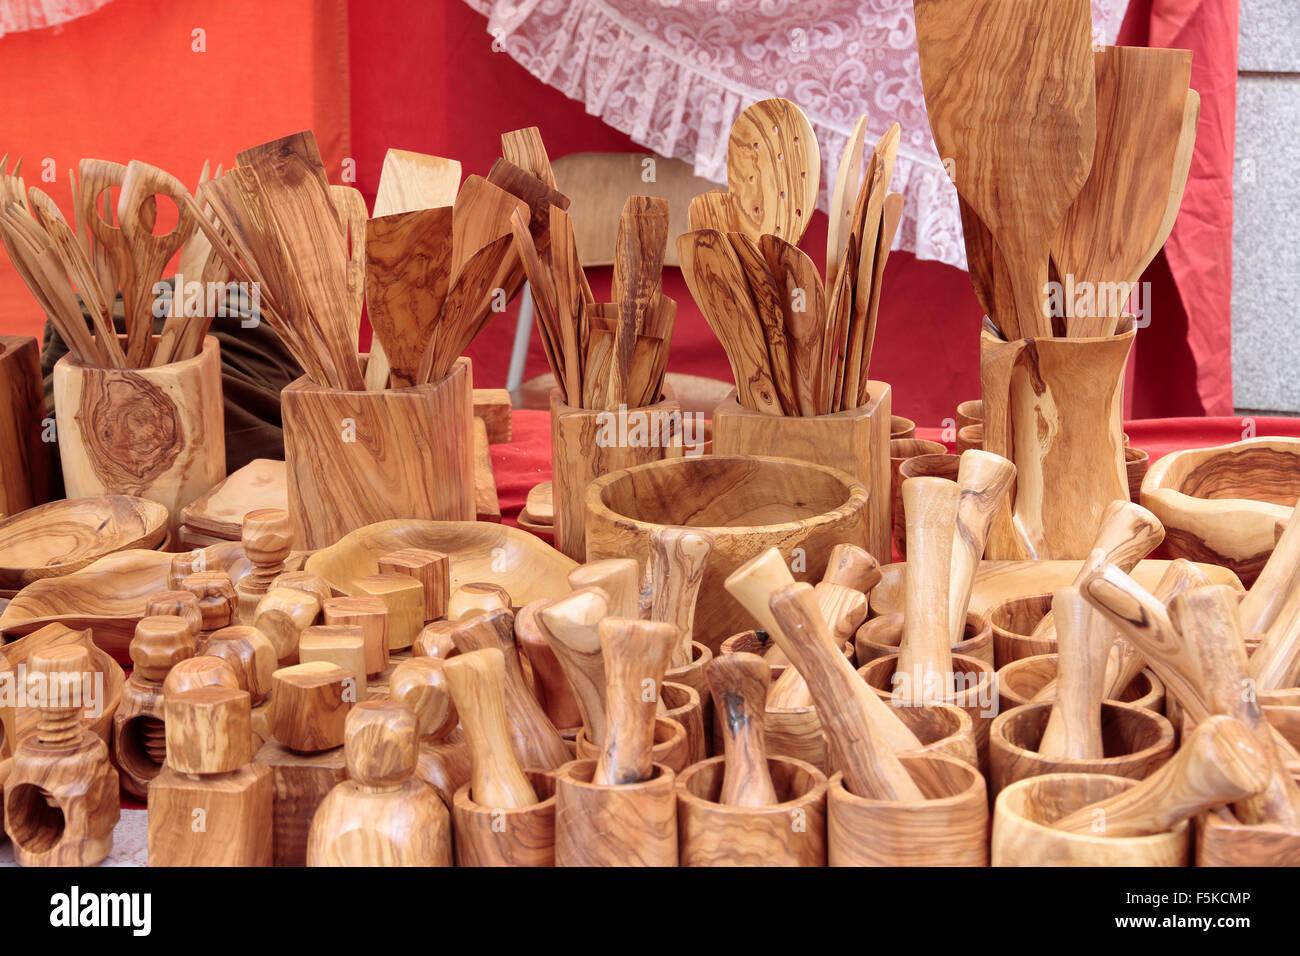 Avant-garde de plusieurs casseroles sculpté en bois d'olive Banque D'Images